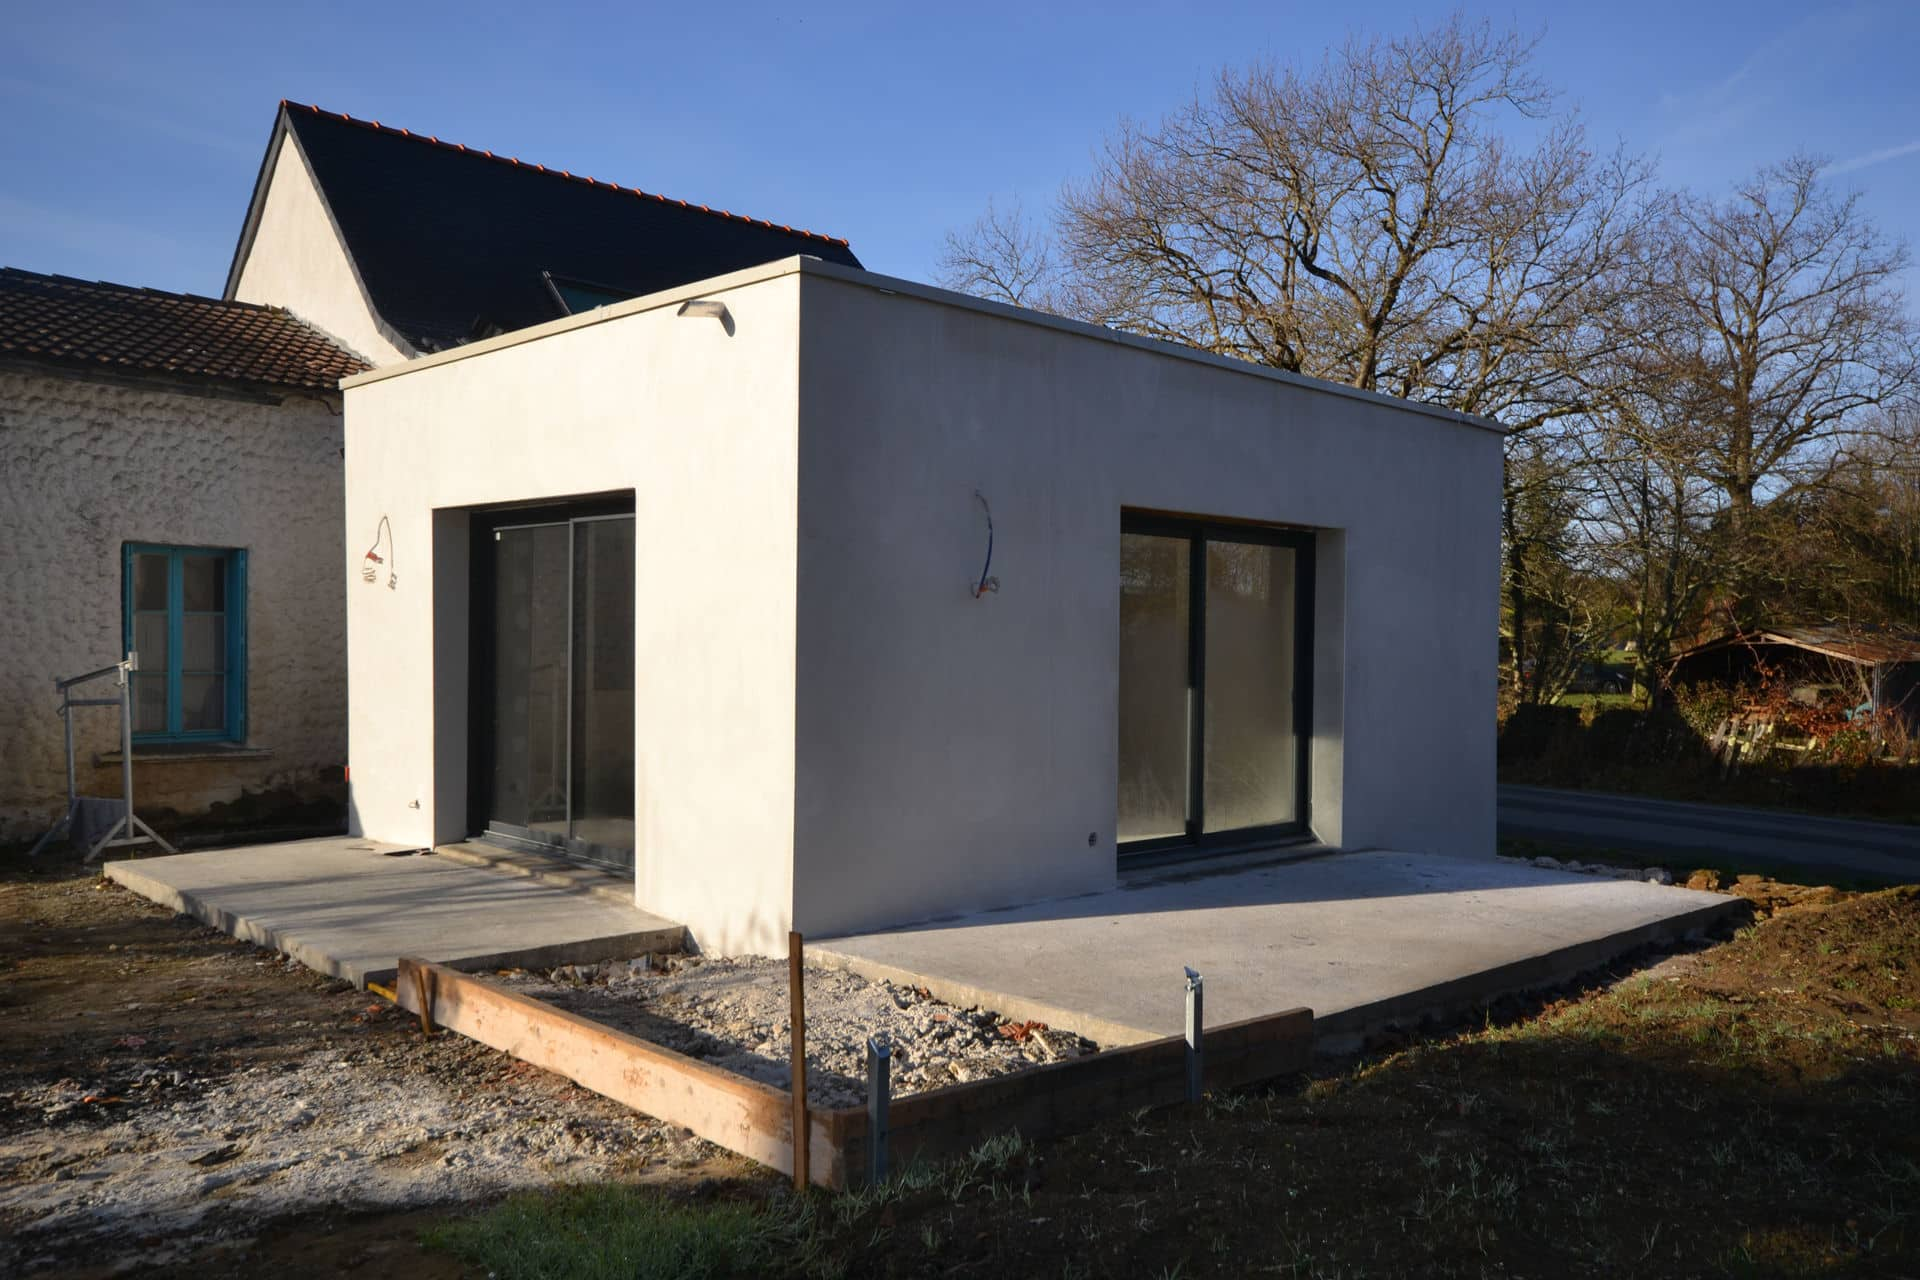 extension et surélévation Caquefou4 - Extension et rénovation d'une maison à Carquefou (44)